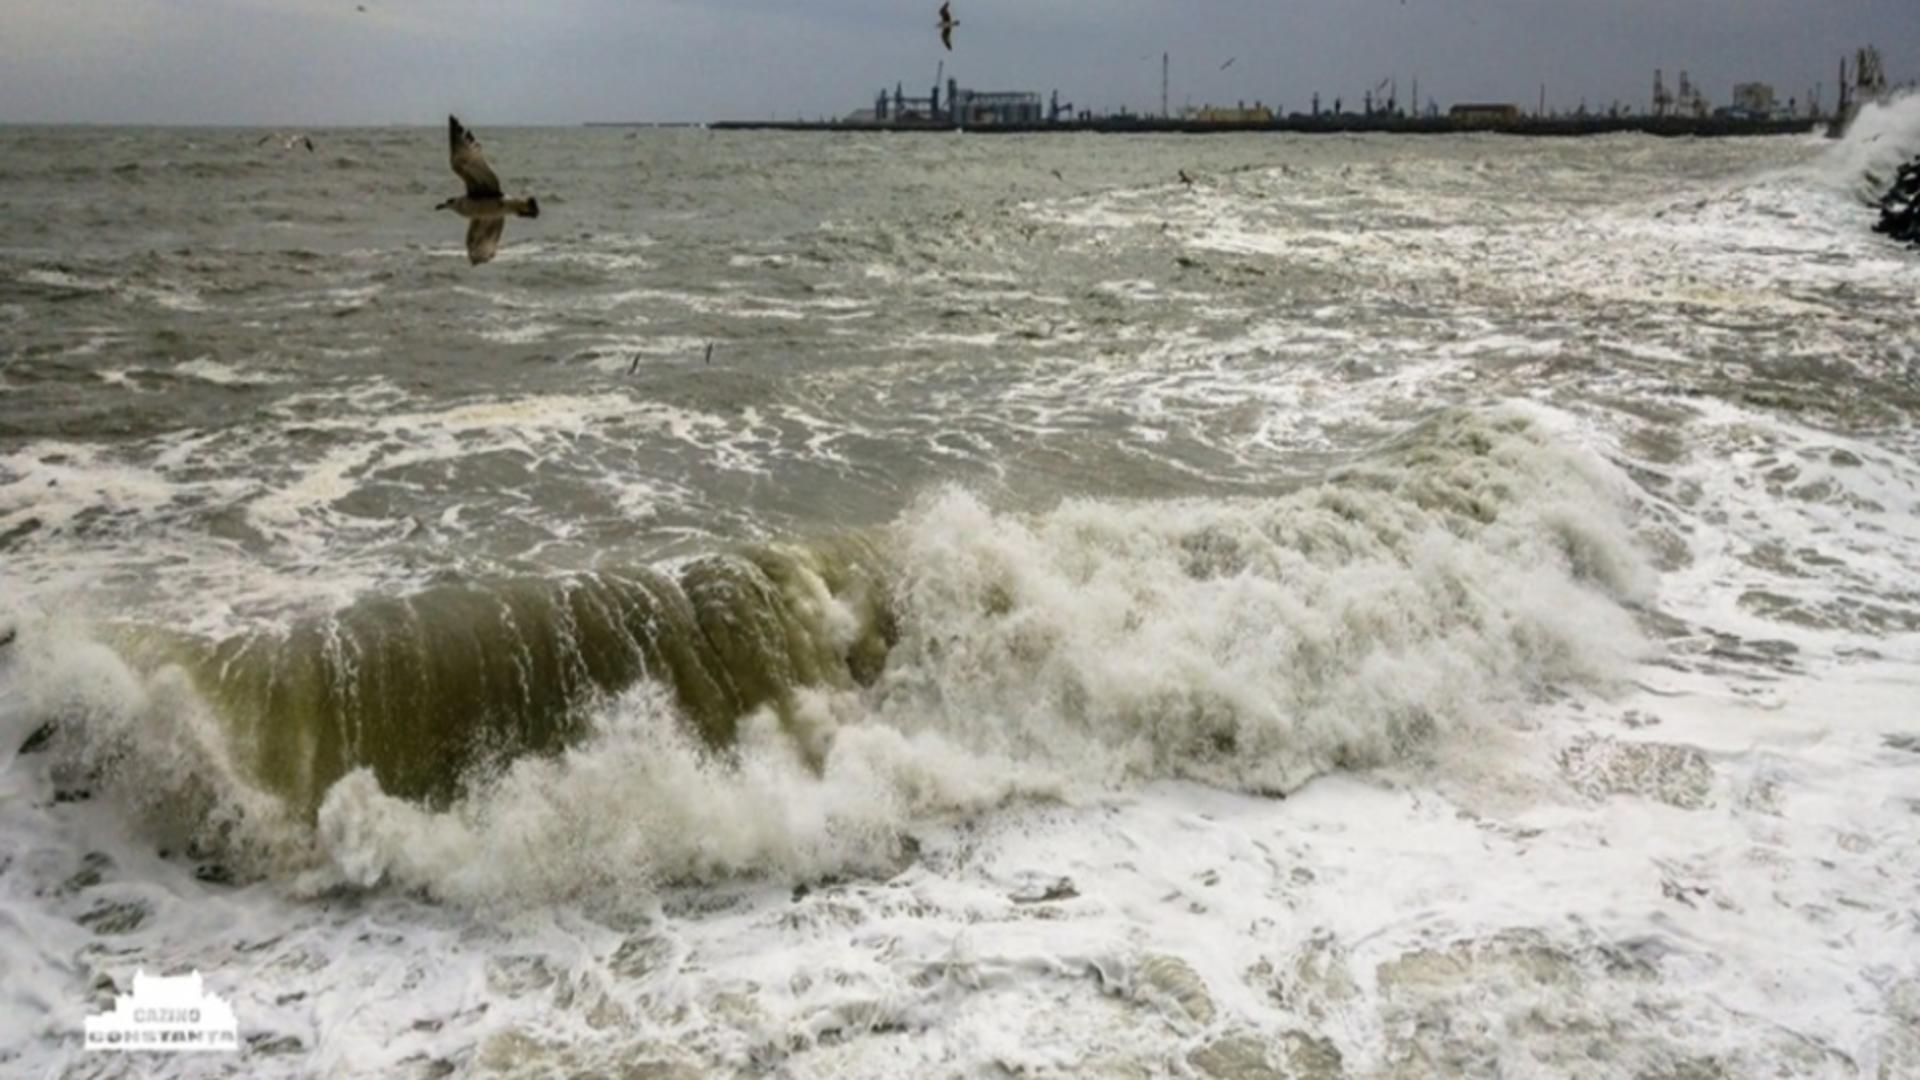 Furtuna la malul mării, porturi închise